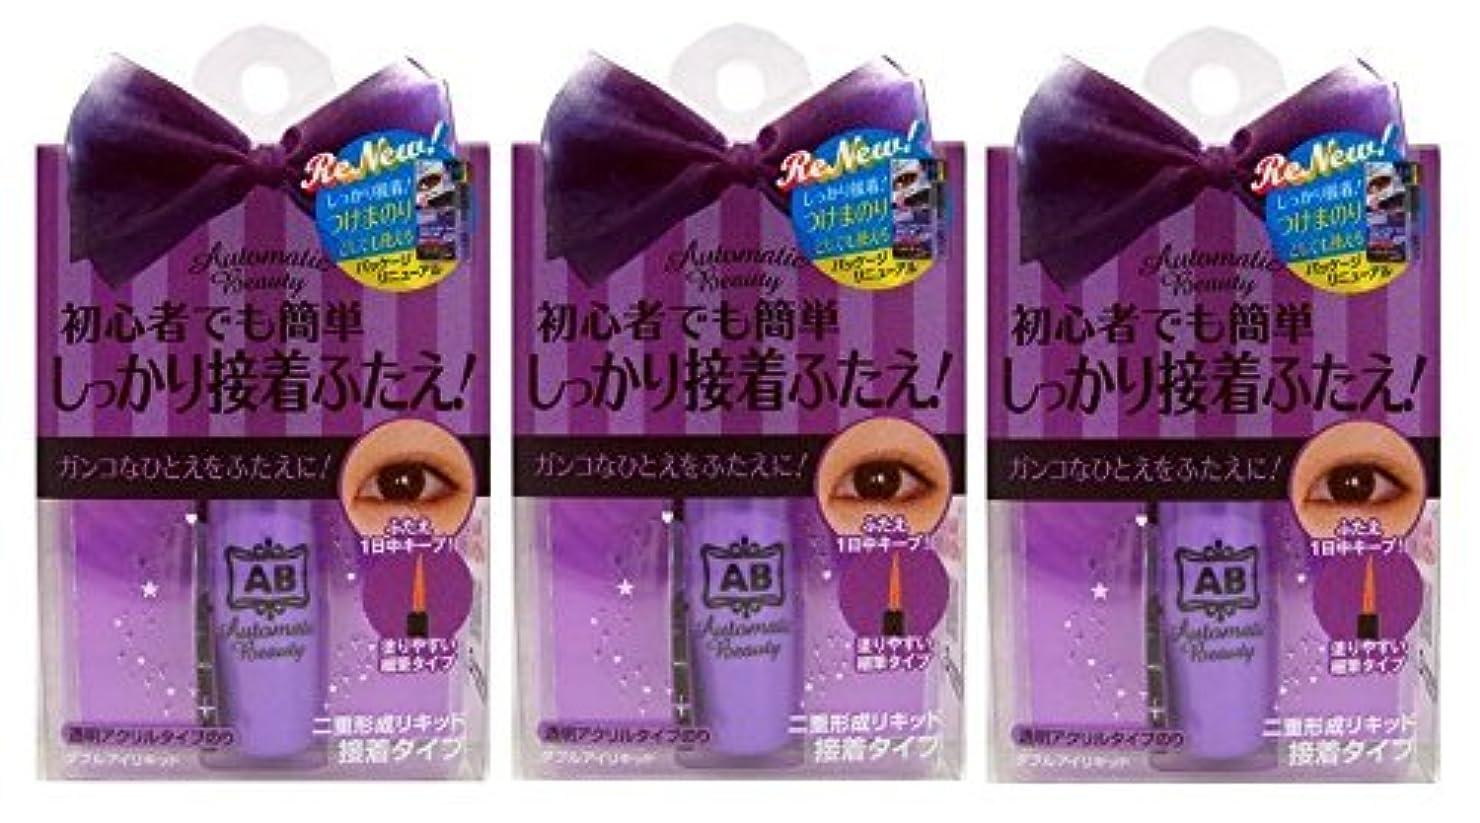 メンダシティあいまいな入射AB オートマティックビューティ ダブルアイリキッド (二重まぶた化粧品) スティック付き AB-CD3 3個セット